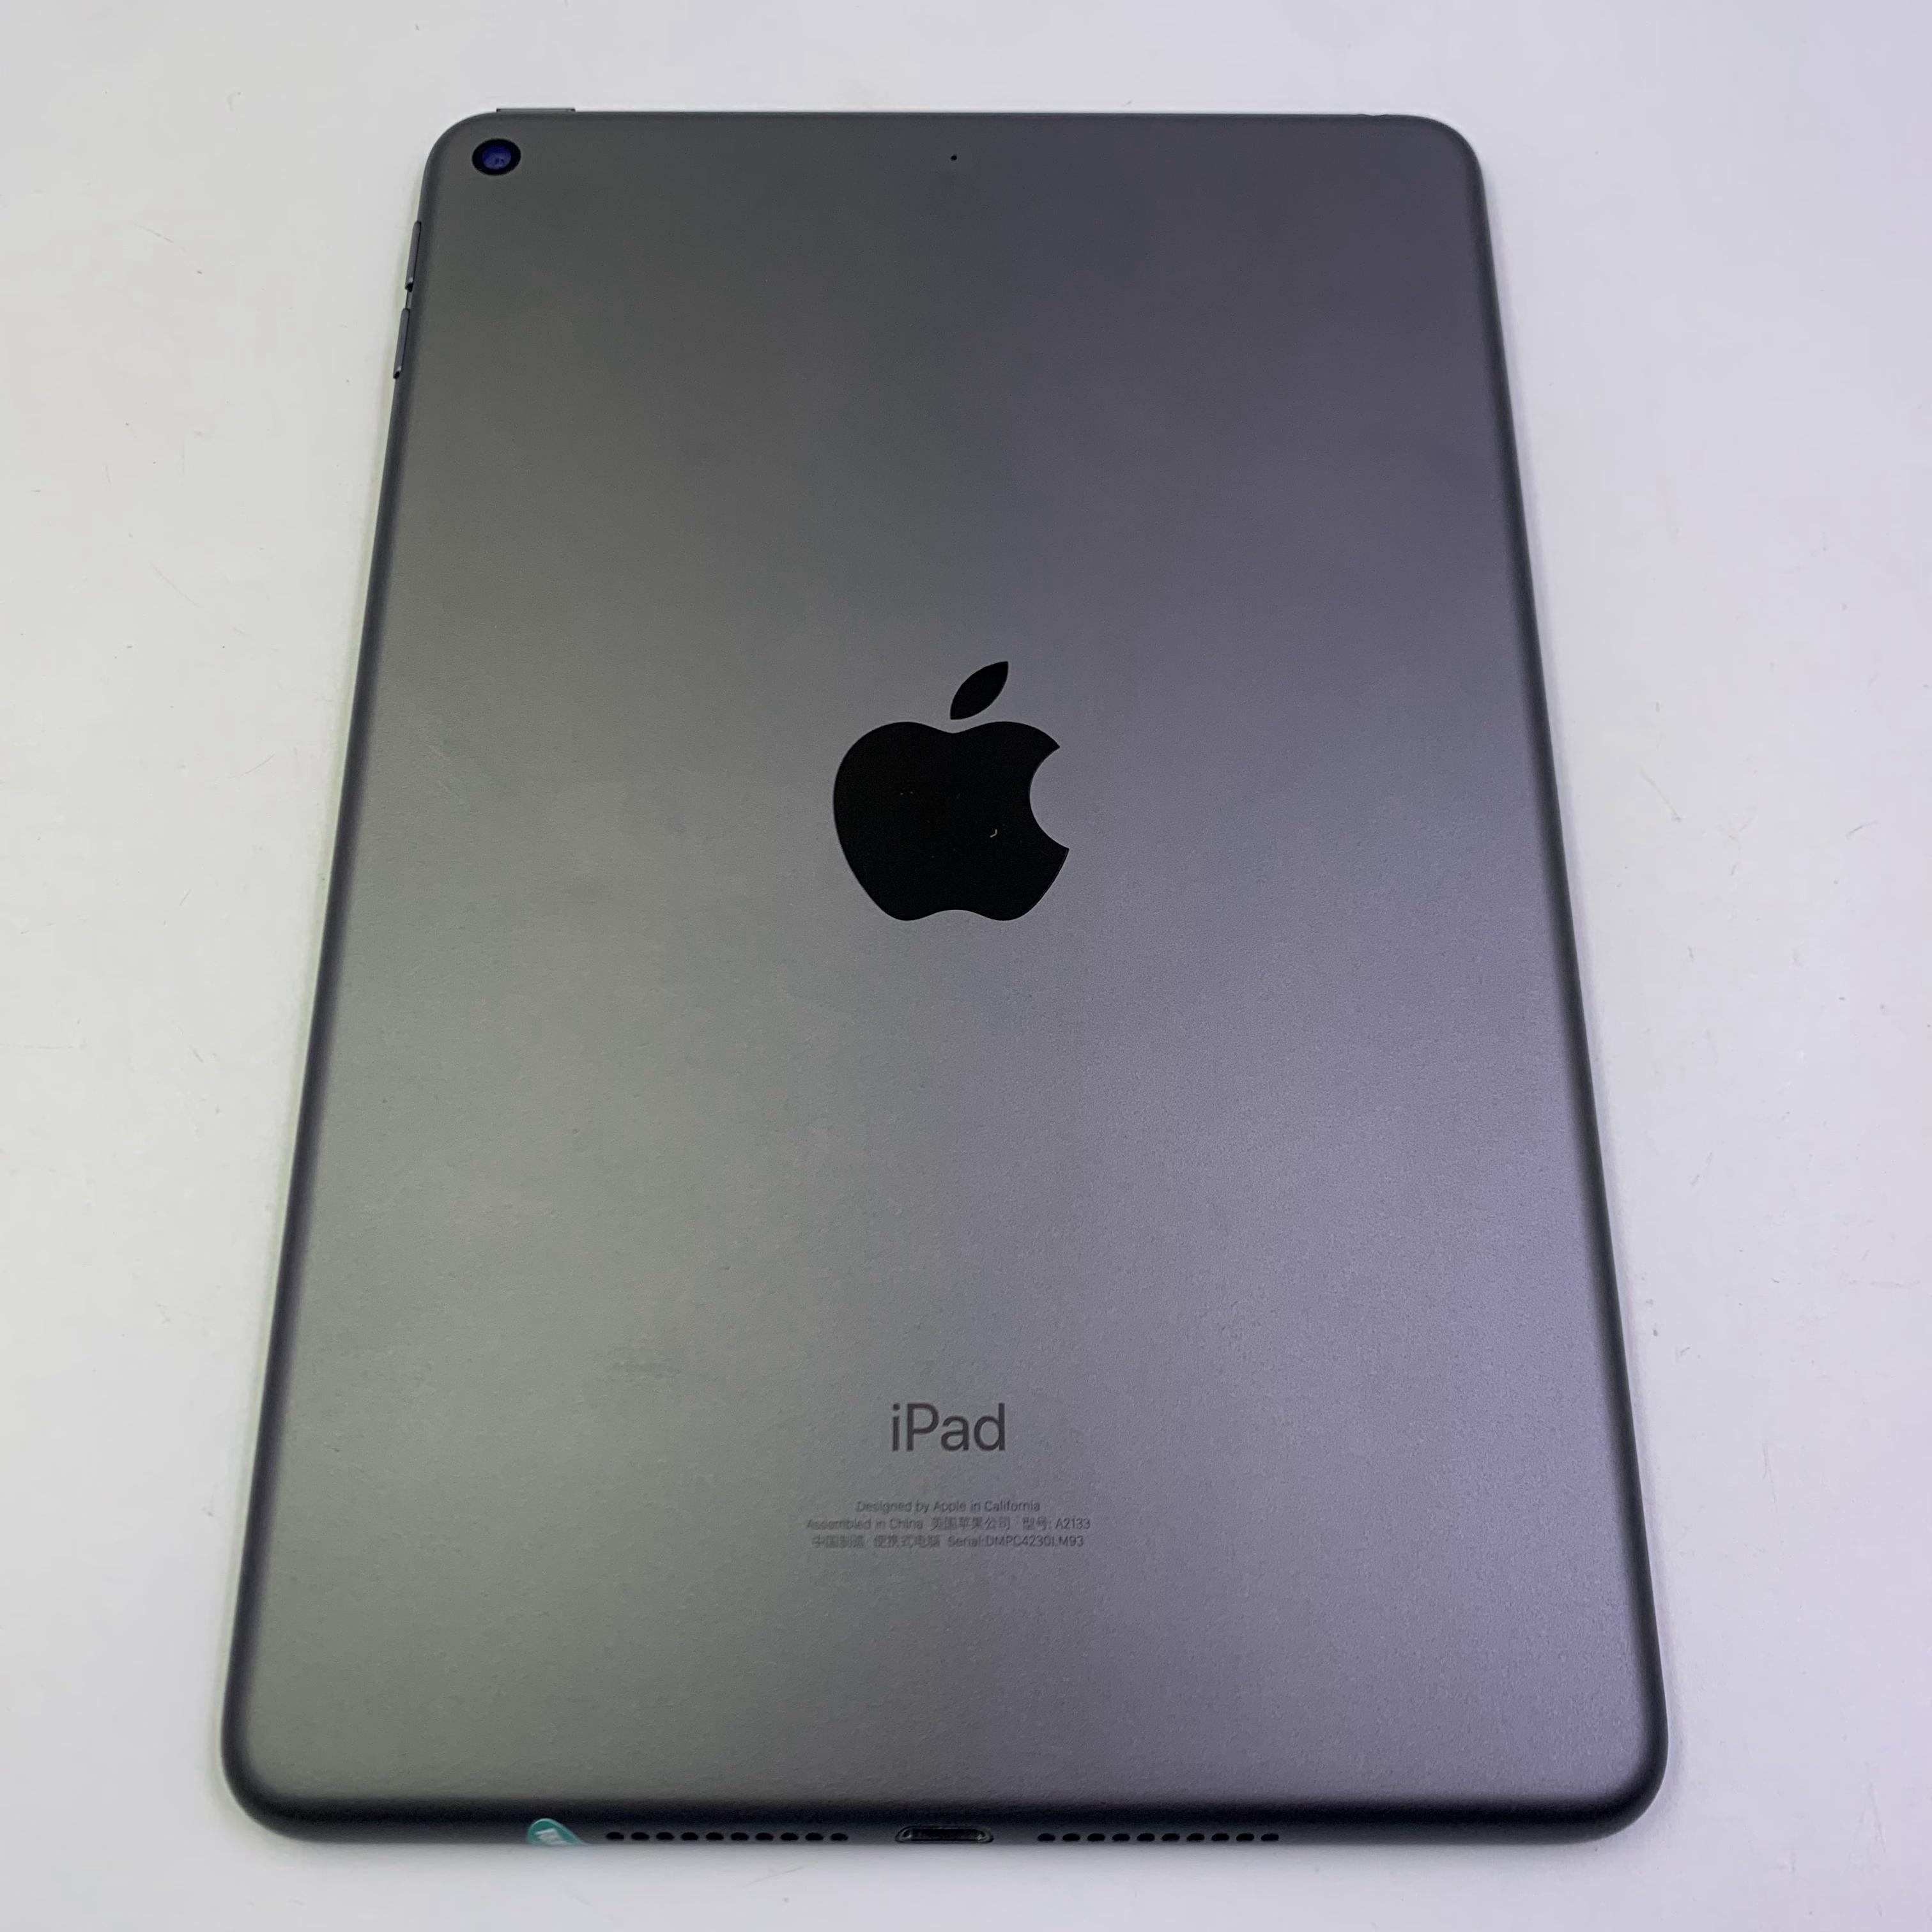 苹果【iPad mini5 7.9英寸 19款】WIFI版 深空灰 64G 国行 99新